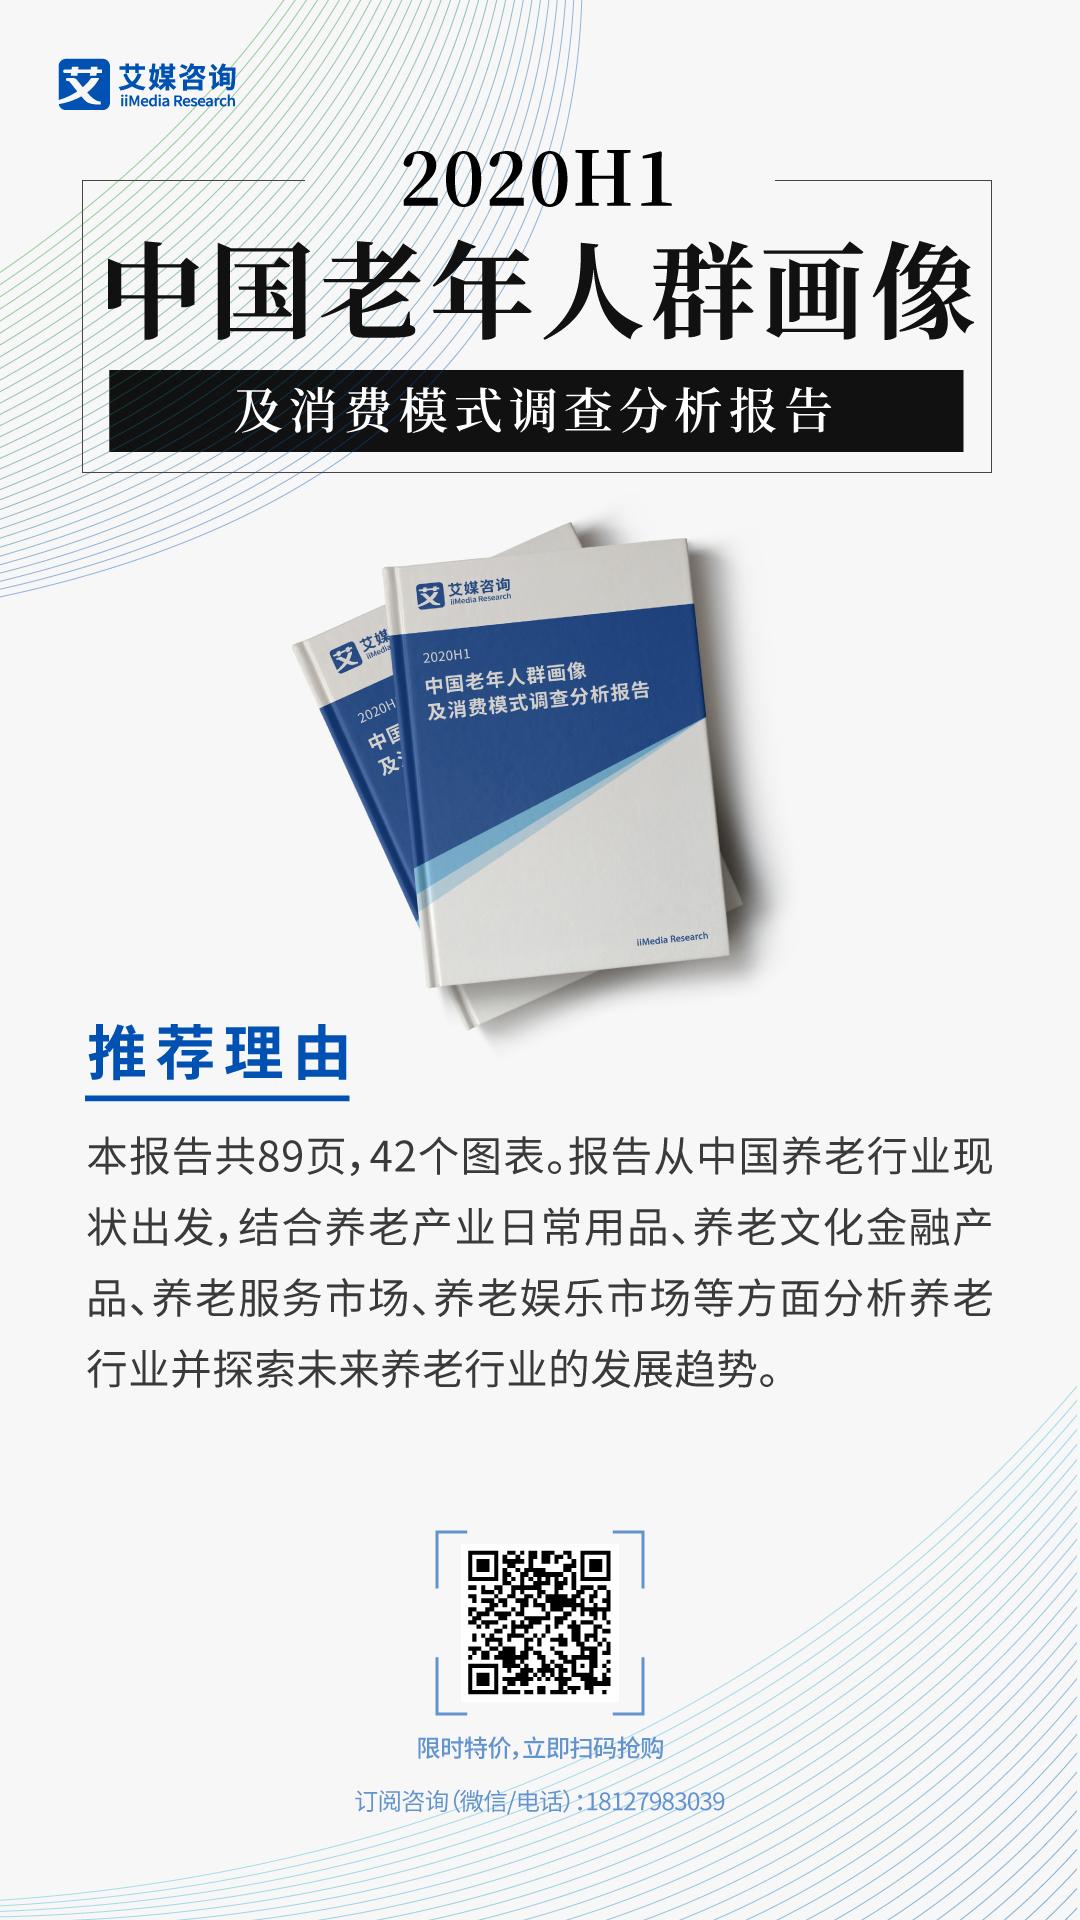 2020H1中国老年人群画像及消费模式调查分析报告